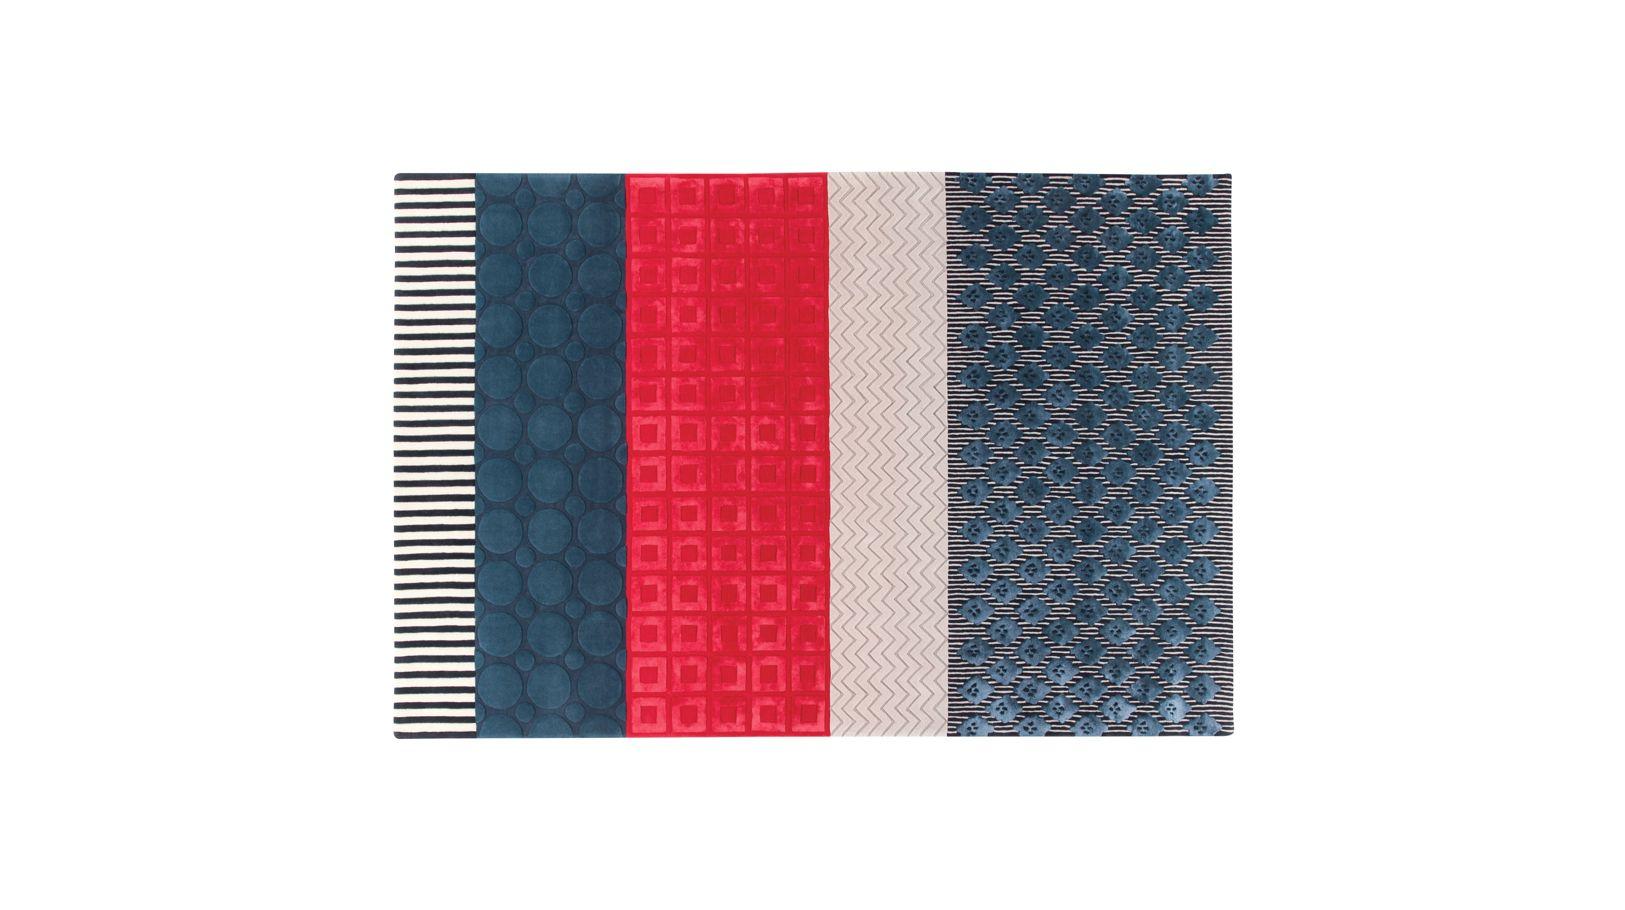 patchwork tapis roche bobois. Black Bedroom Furniture Sets. Home Design Ideas